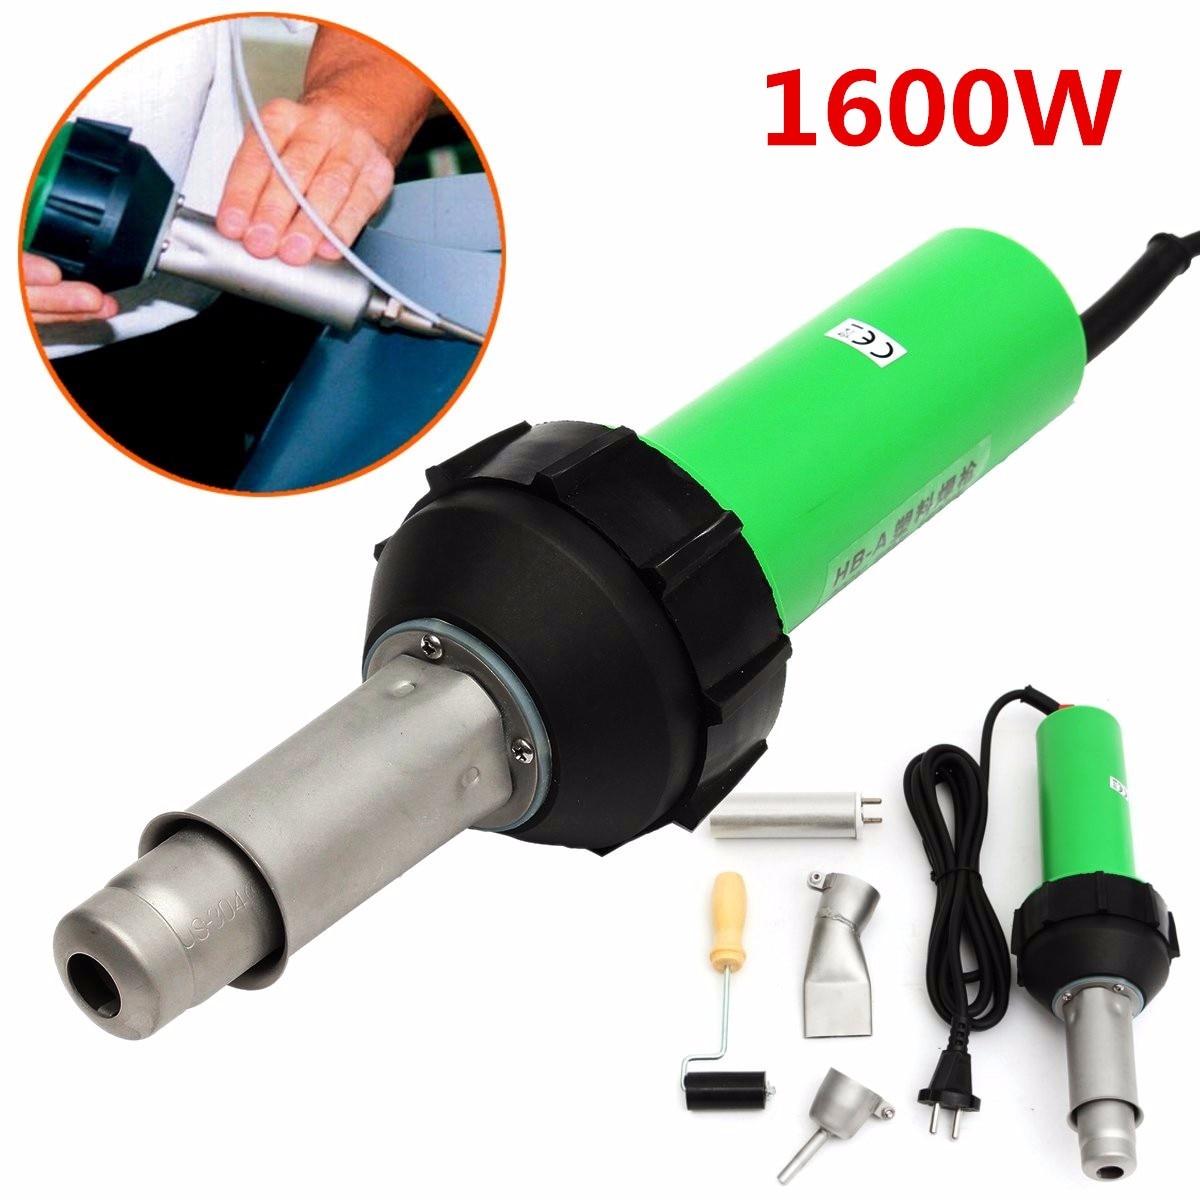 220 V 1600 W 50Hz Calda Elettronico di Calore Aria Torcia Di Plastica Saldatura Saldatore Torcia + Ugello + Rullo di Pressione 3000 Pa